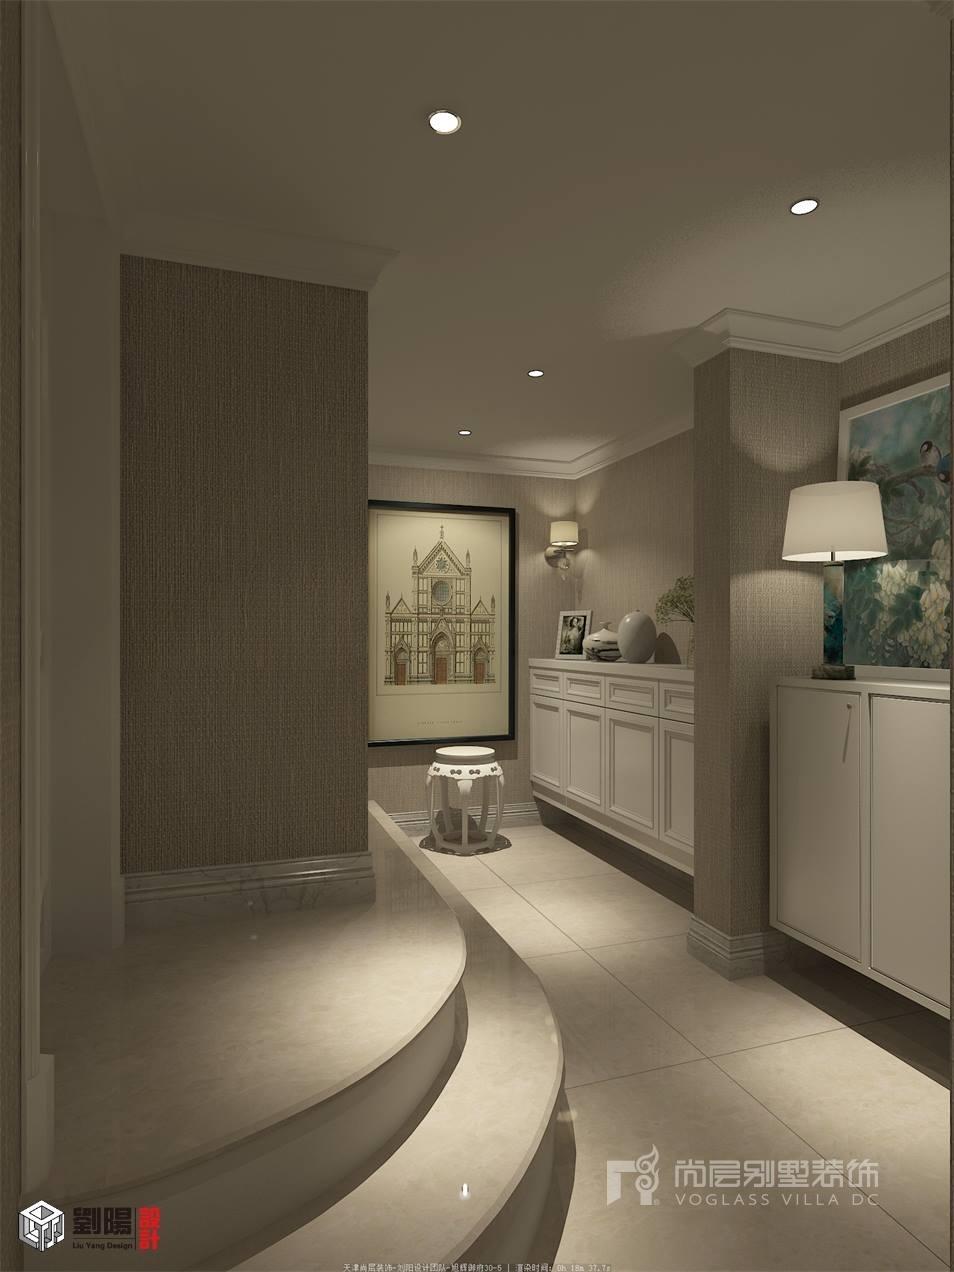 尚层装饰 精益求精的舒服触感 旭辉御府320平米 现代欧式风格 别墅装图片